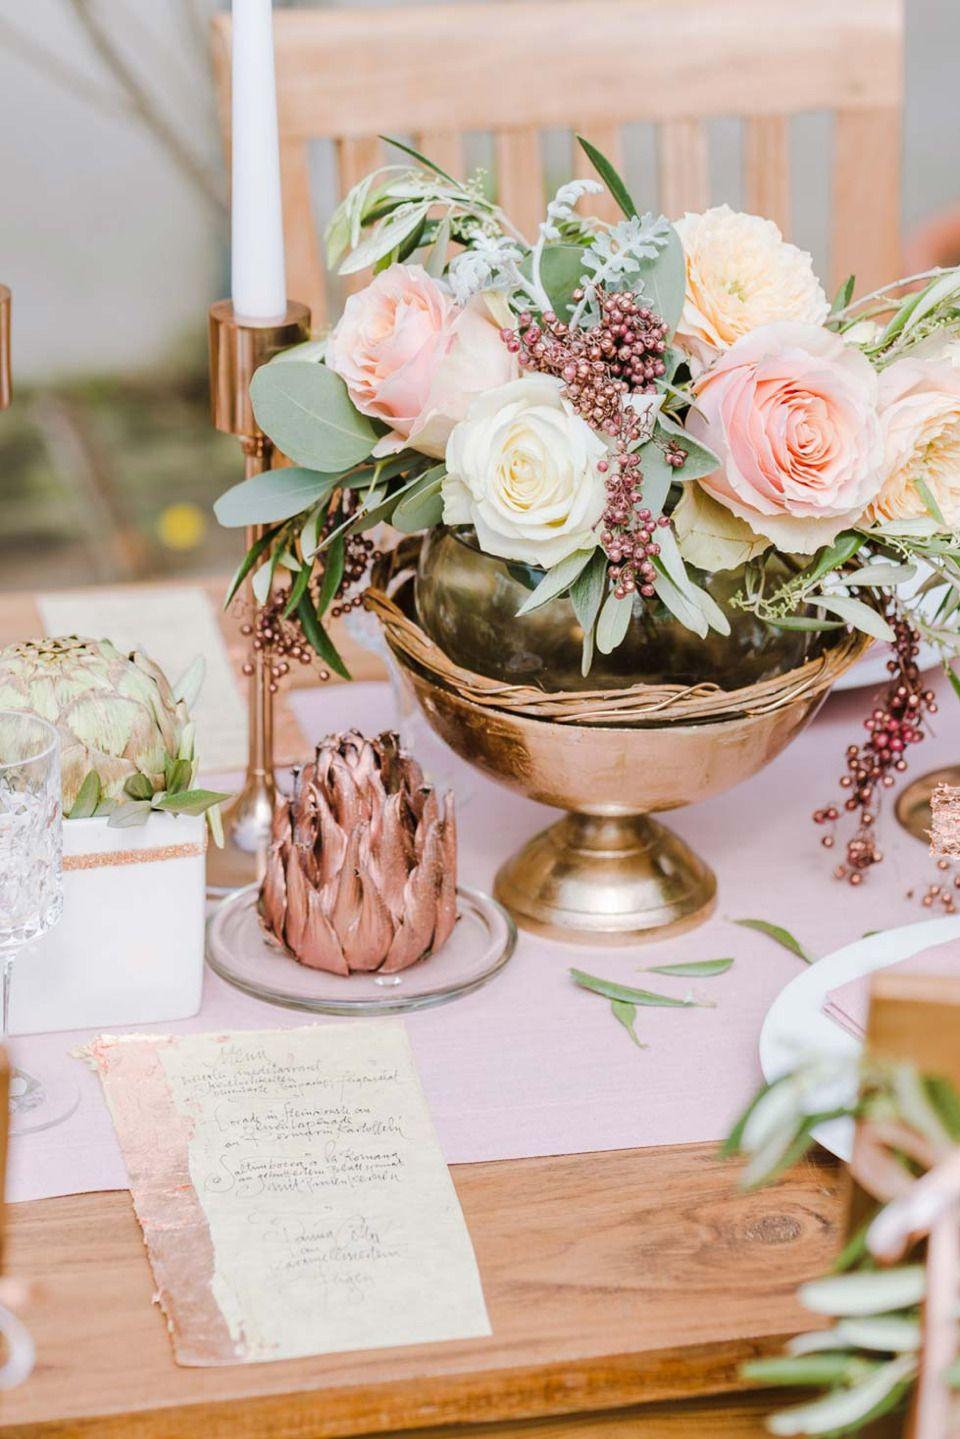 Olive trifft Glamour  Wedding Table Decor  Tischdekoration hochzeit Blumendeko hochzeit und